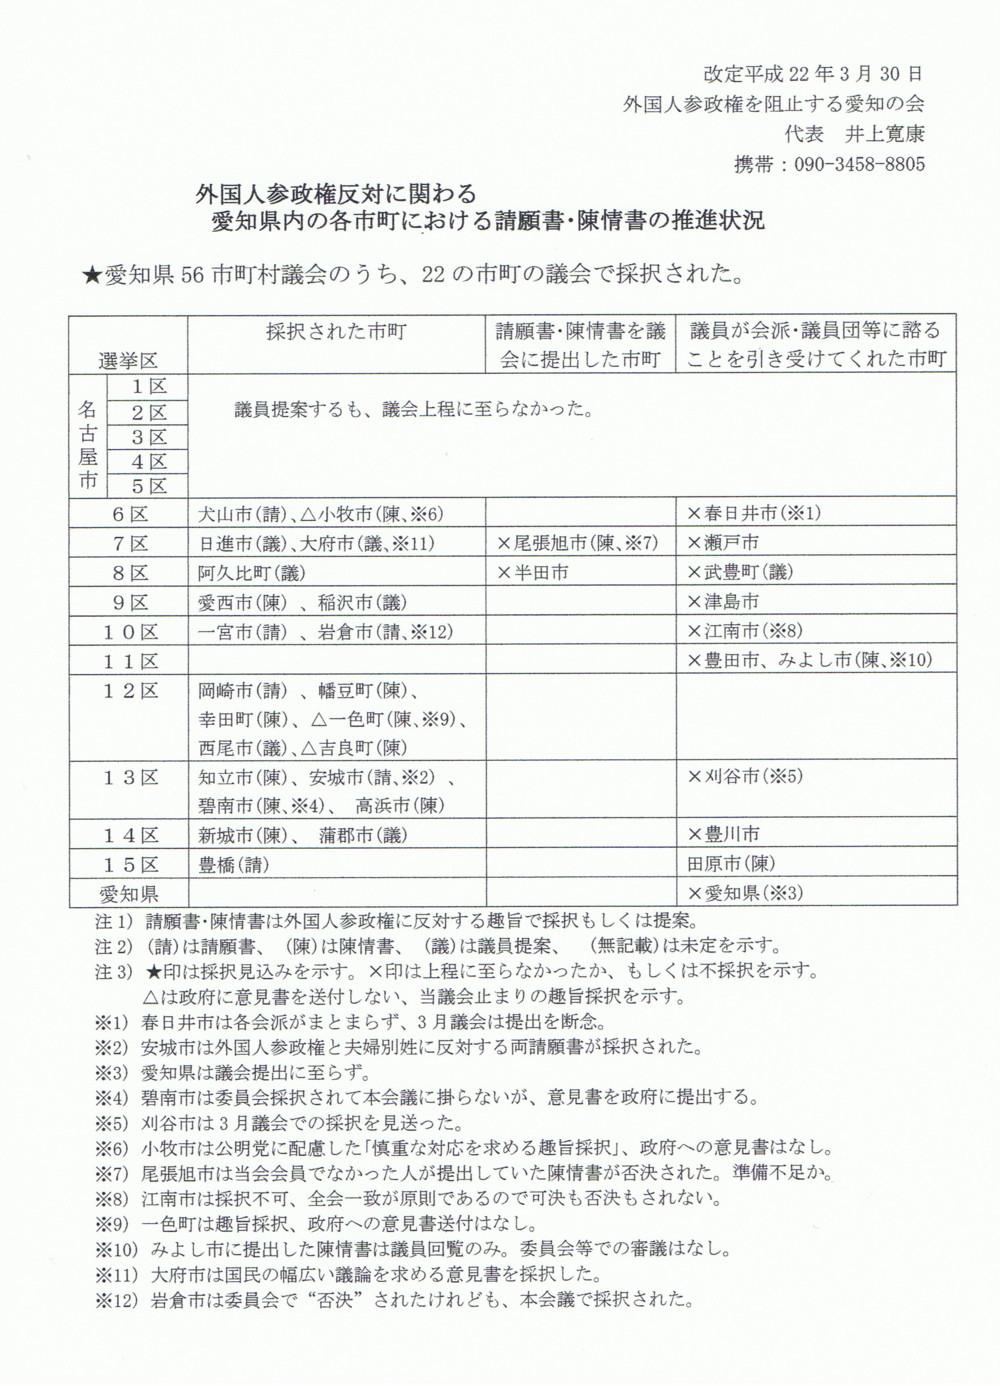 外国人参政権に反対する請願書等を採択した愛知県の市町村議会-中